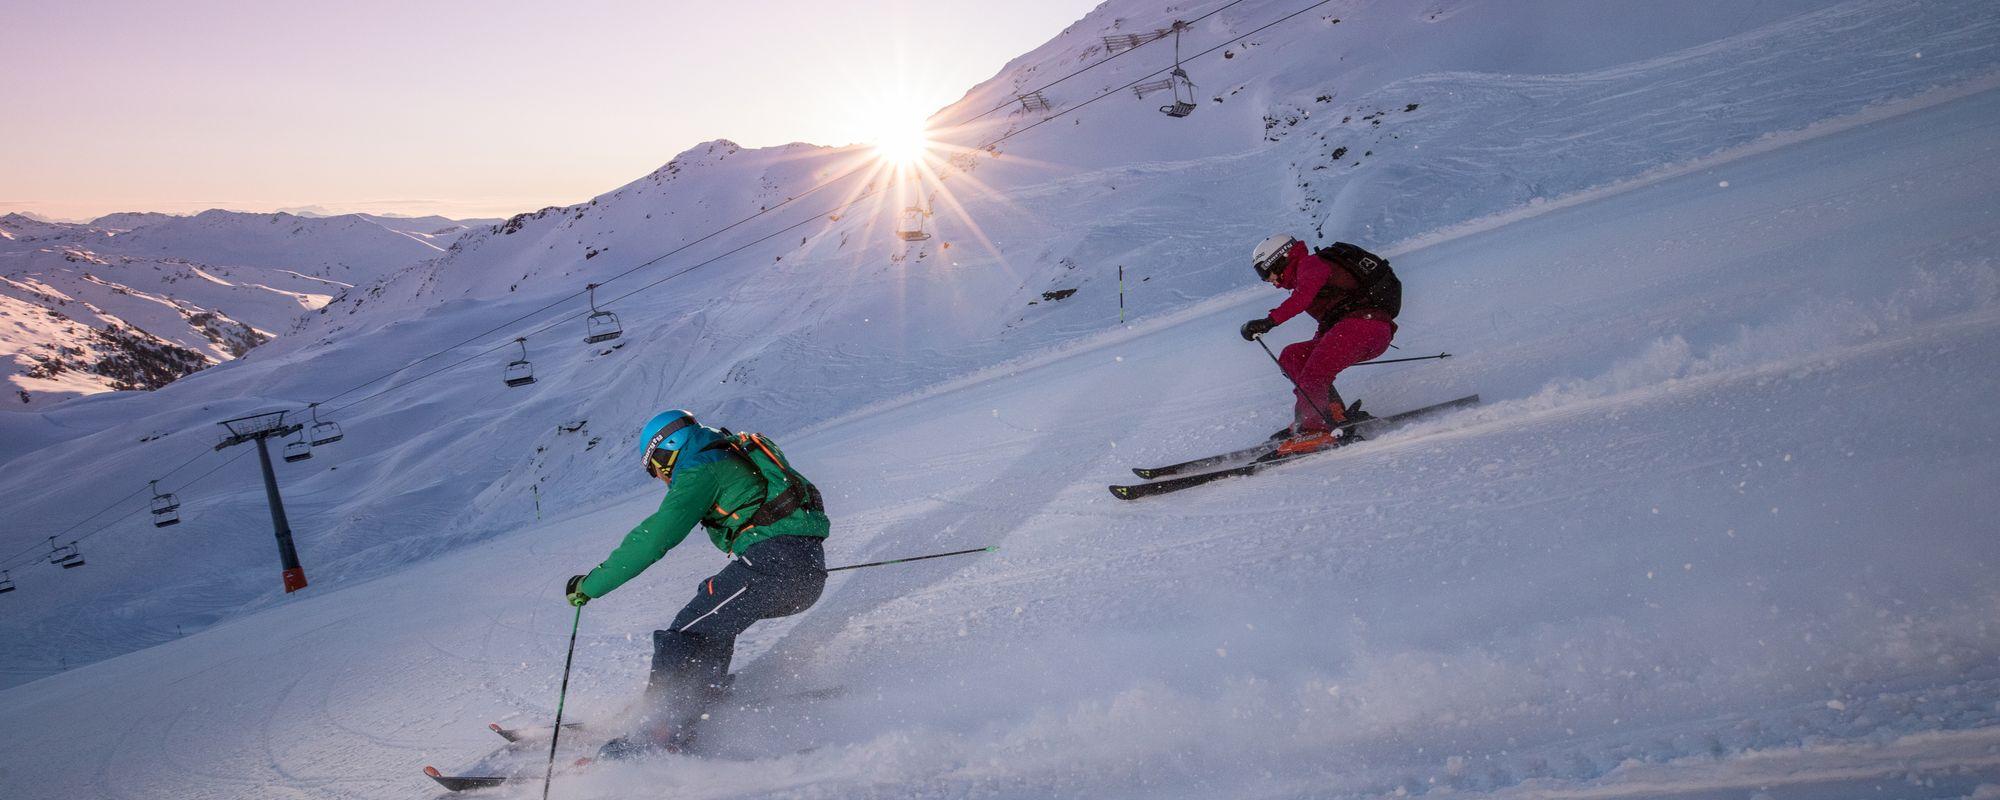 Skifahren in der Zillertal Arena | © Zillertal Arena / Johannes Sautner